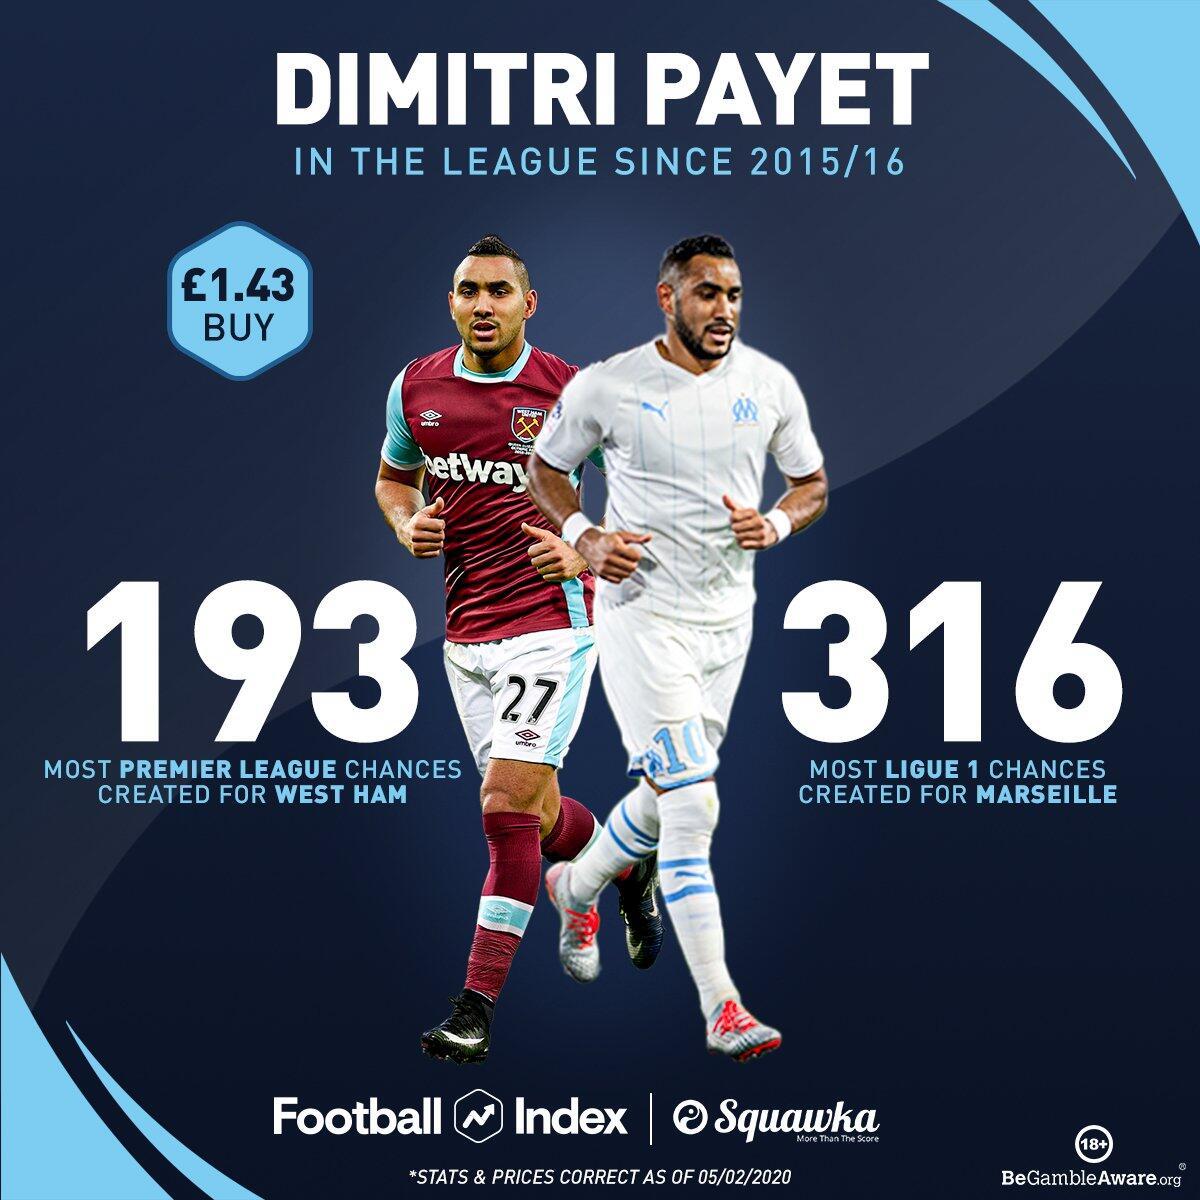 近5个赛季,帕耶特是西汉姆和马赛队内创造机会最多的球员